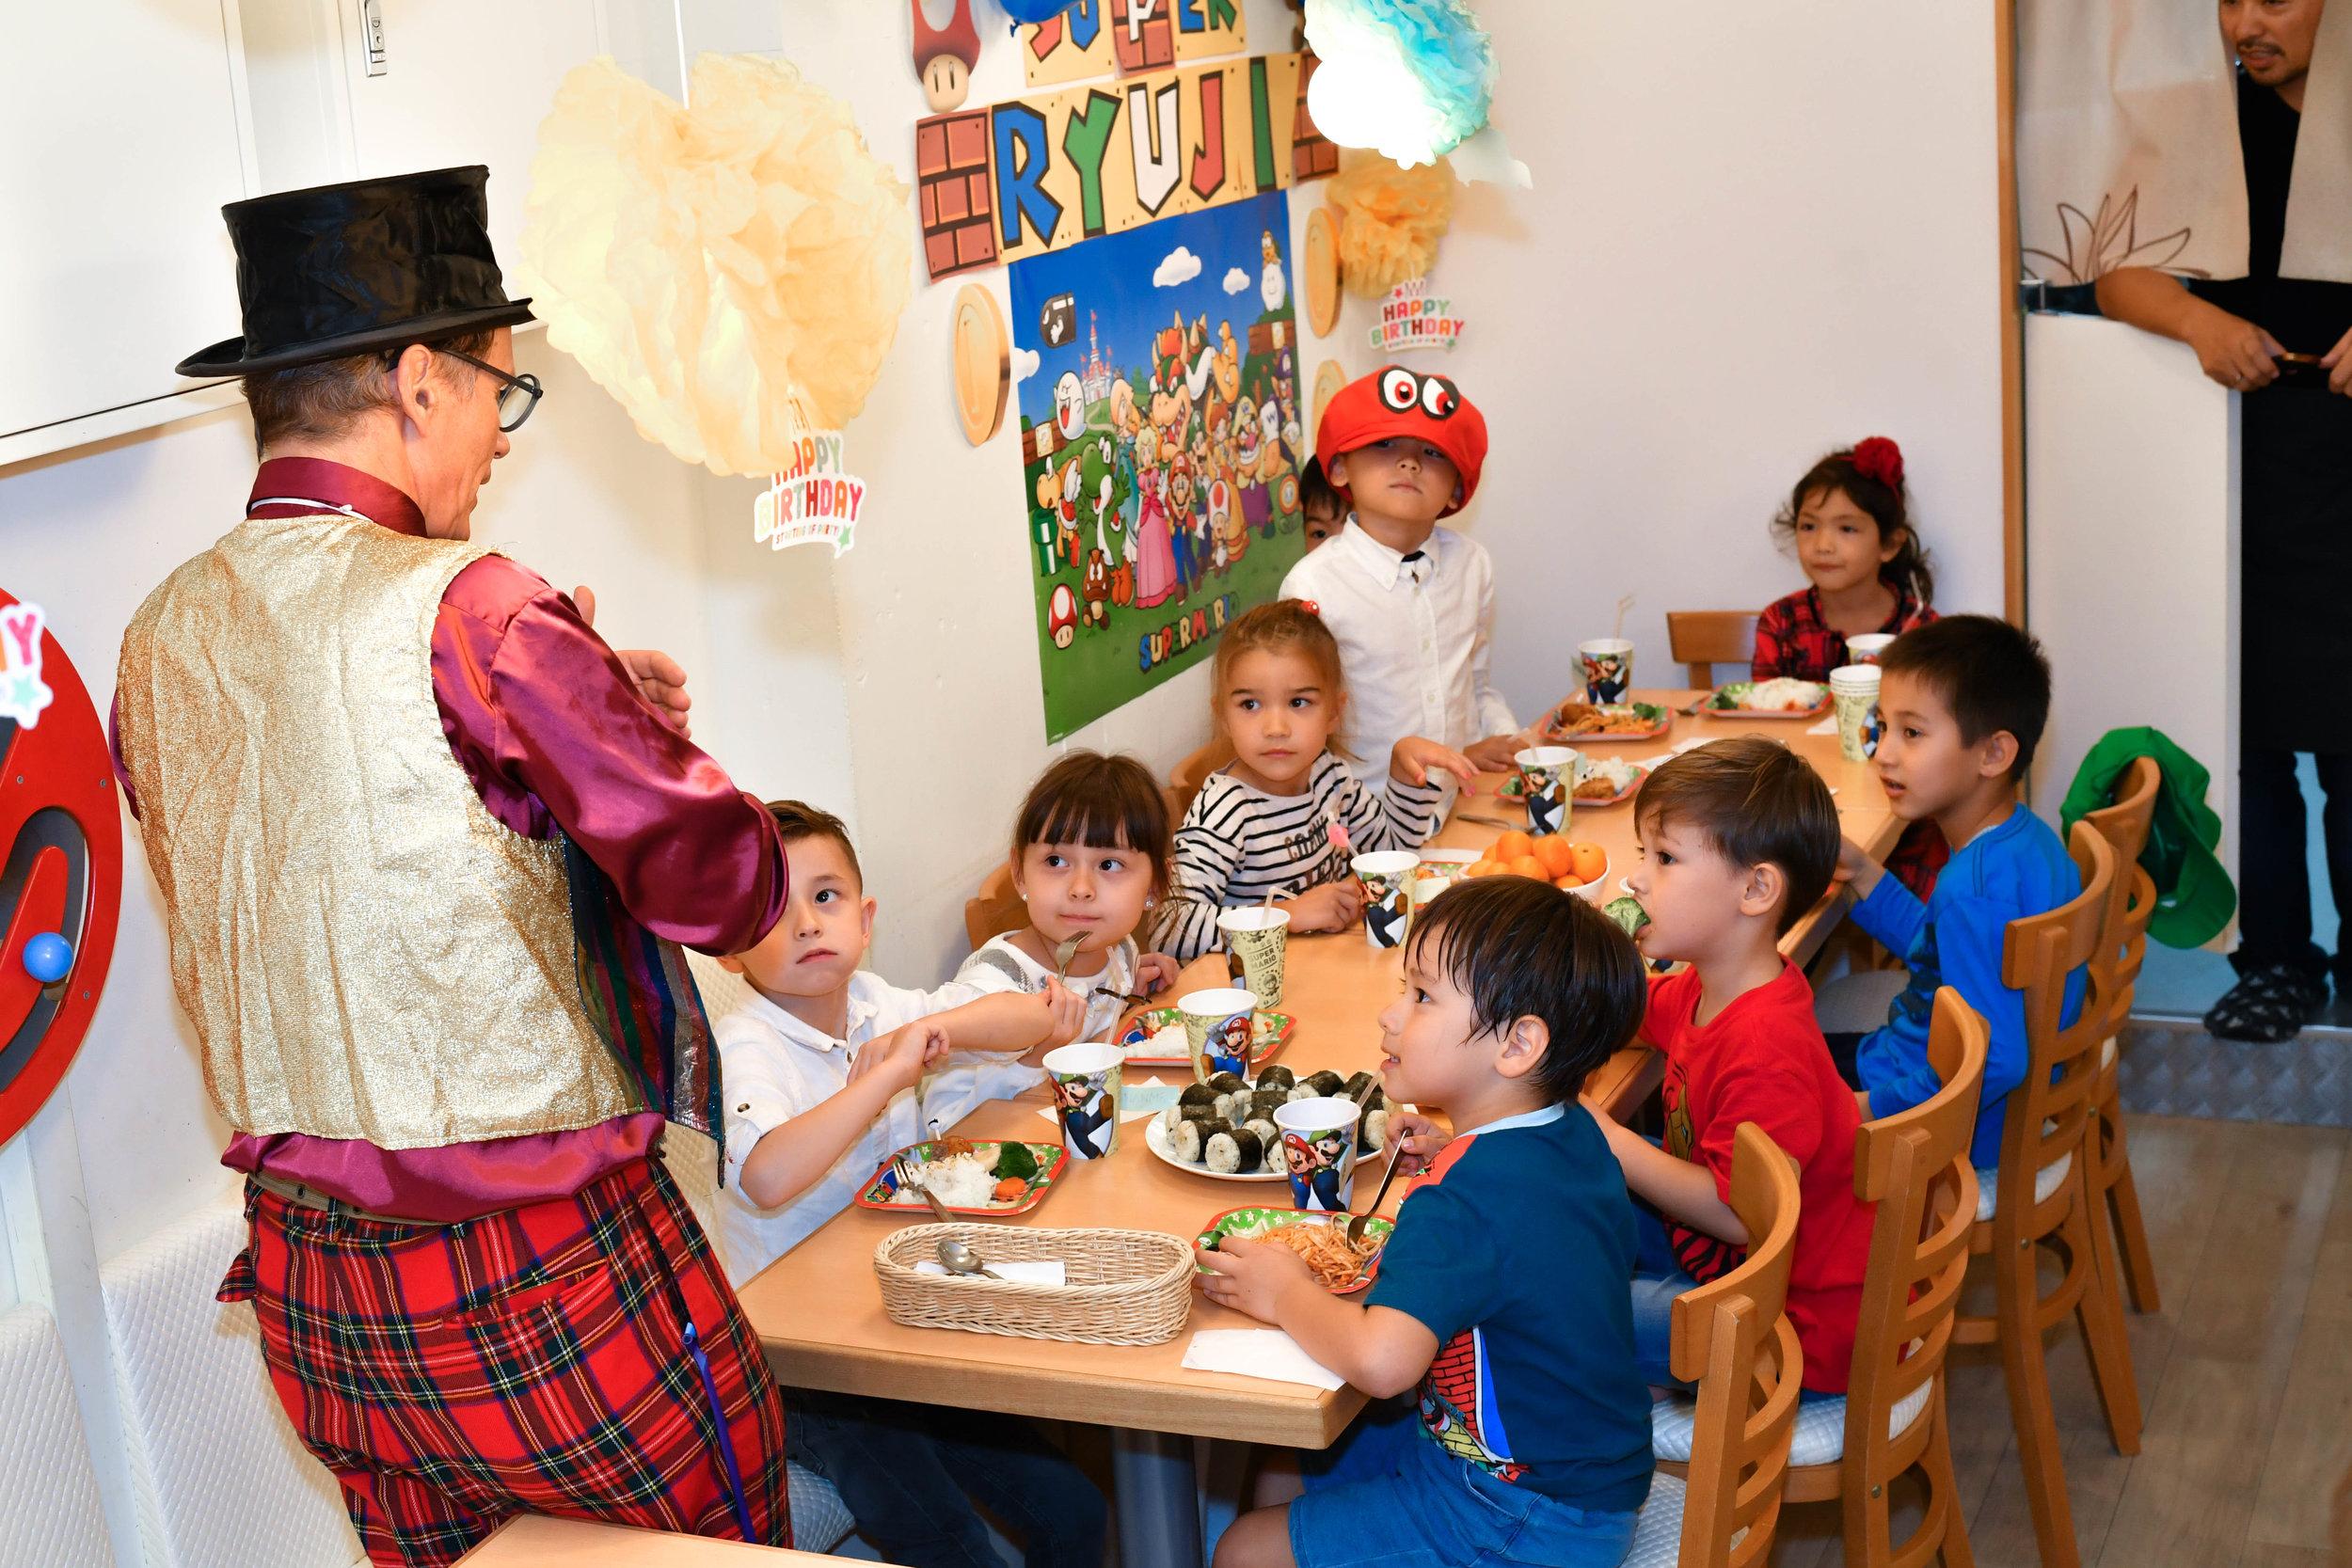 パフォーマーが来ると子供達は大喜び!!そんな誕生日は忘れられませんよよ!